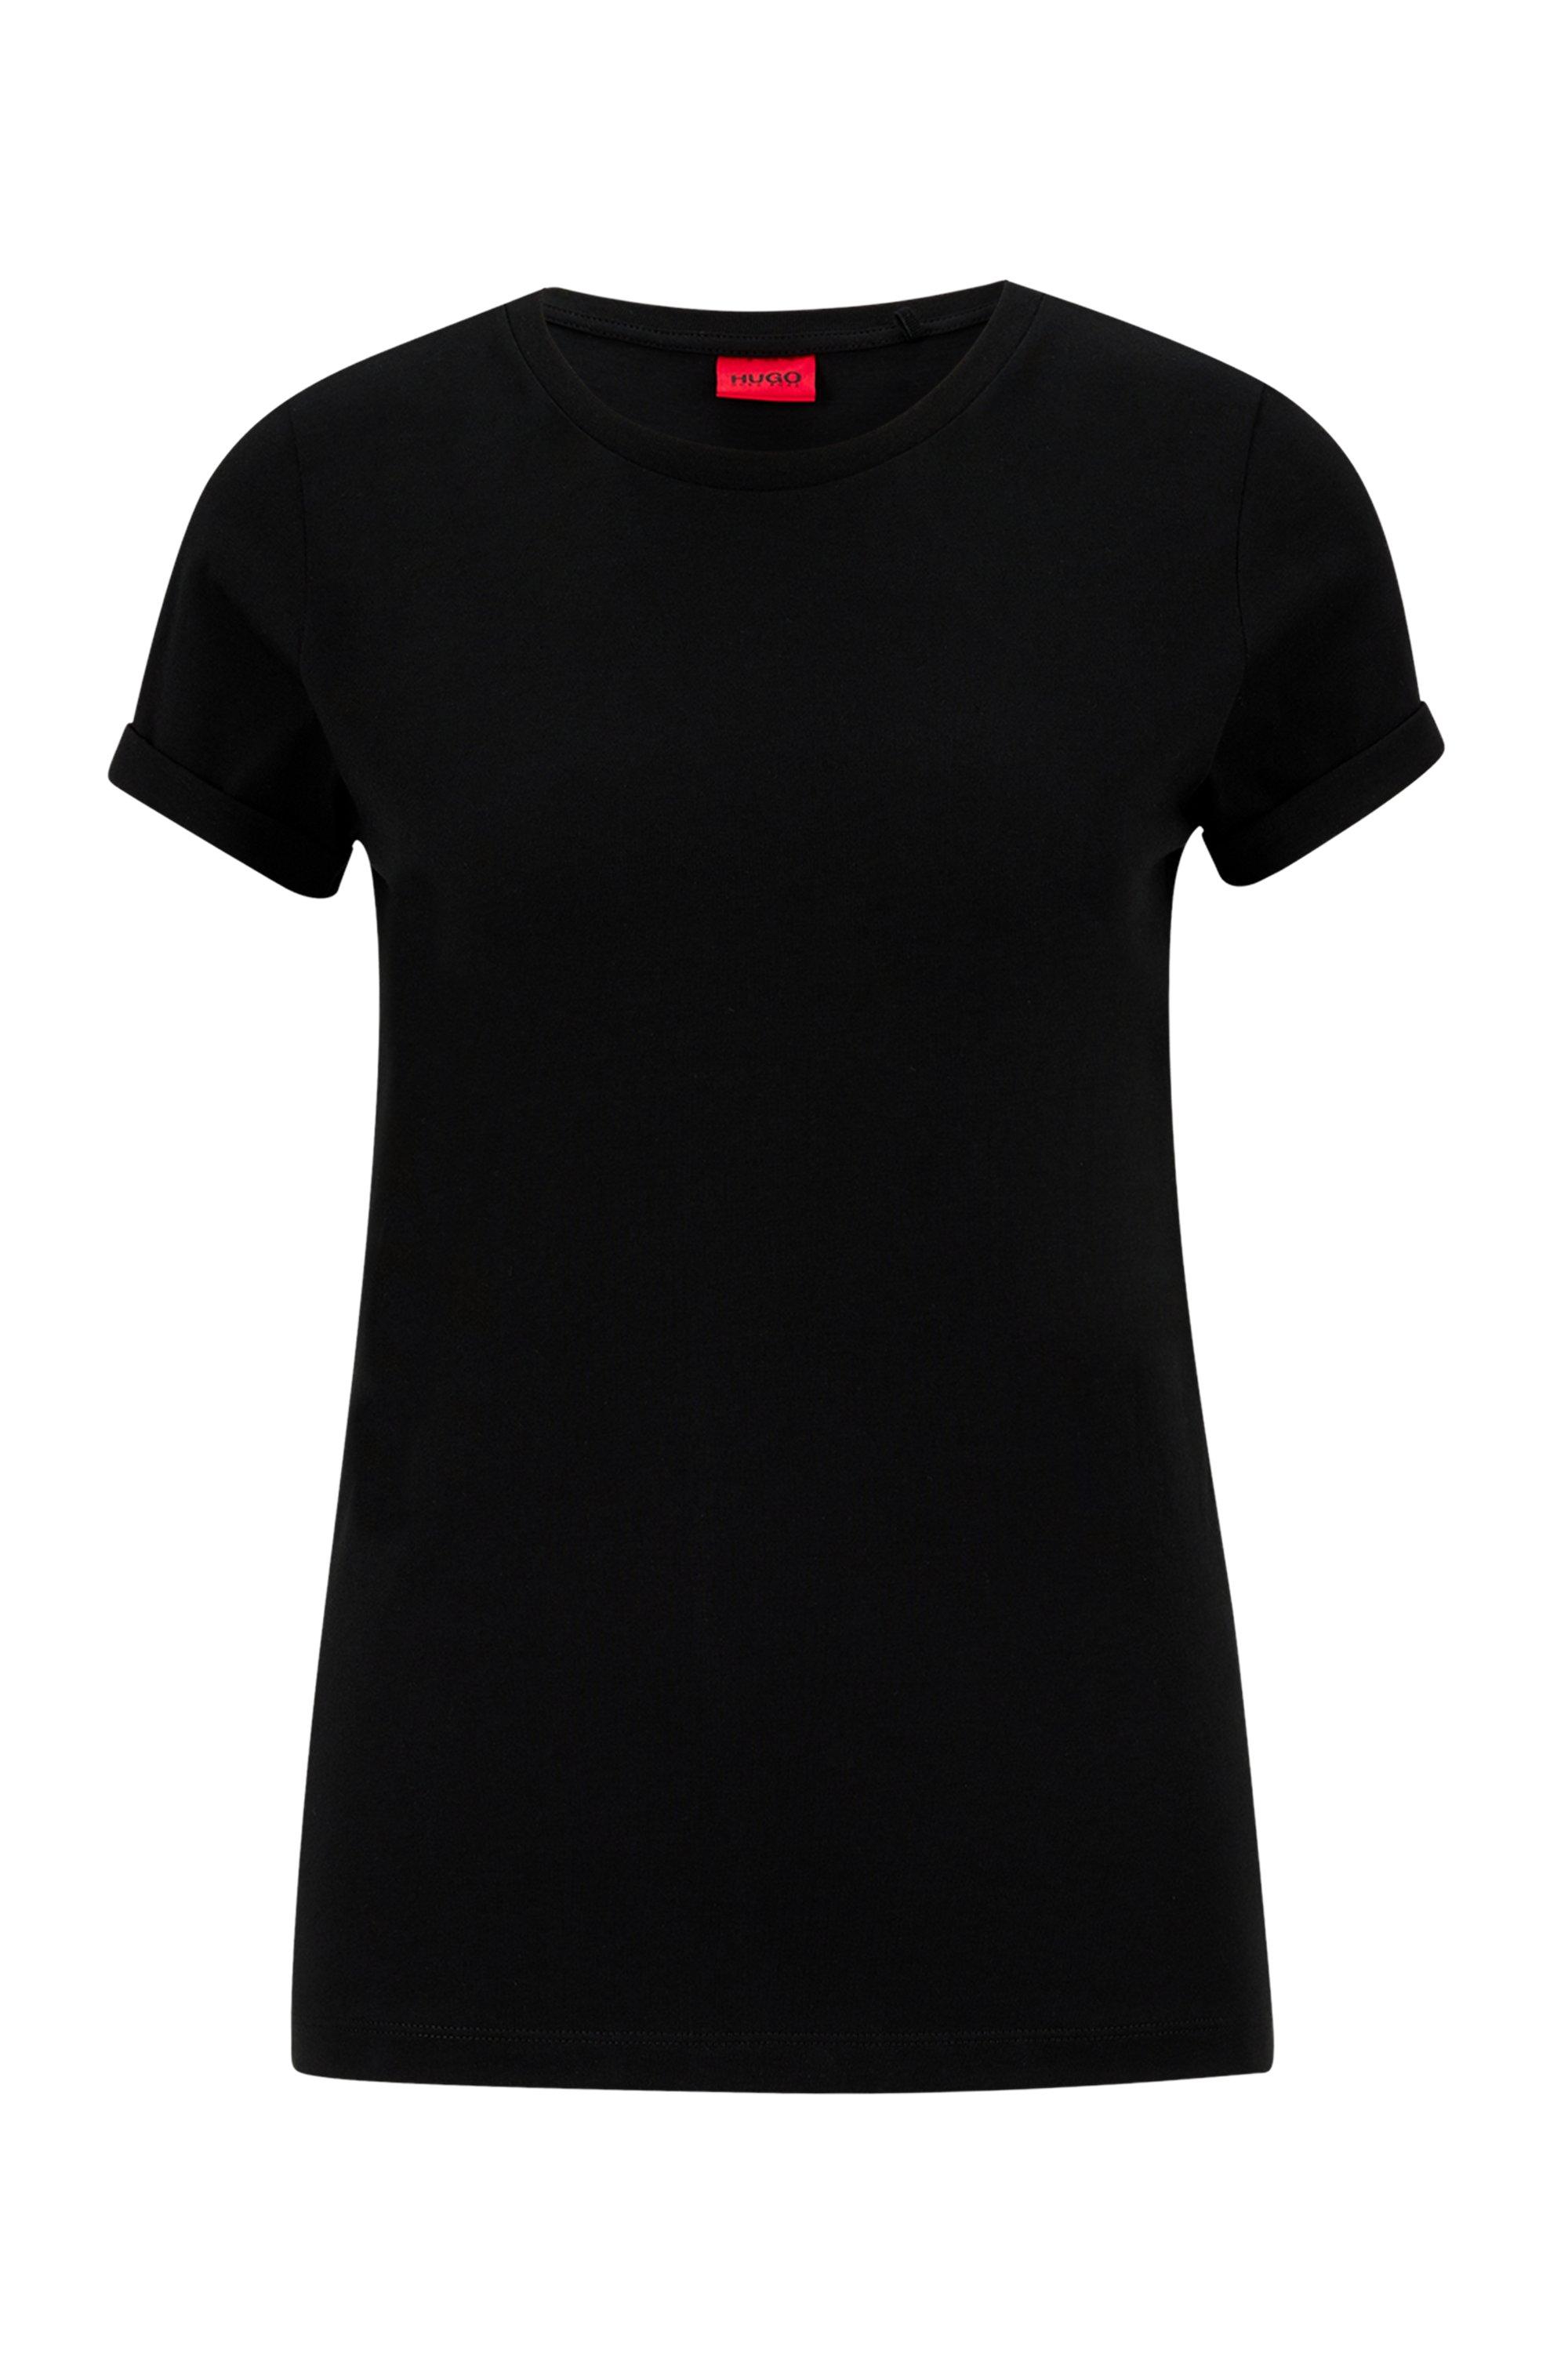 T-Shirt aus Baumwoll-Jersey mit spiegelverkehrtem Logo-Print, Schwarz